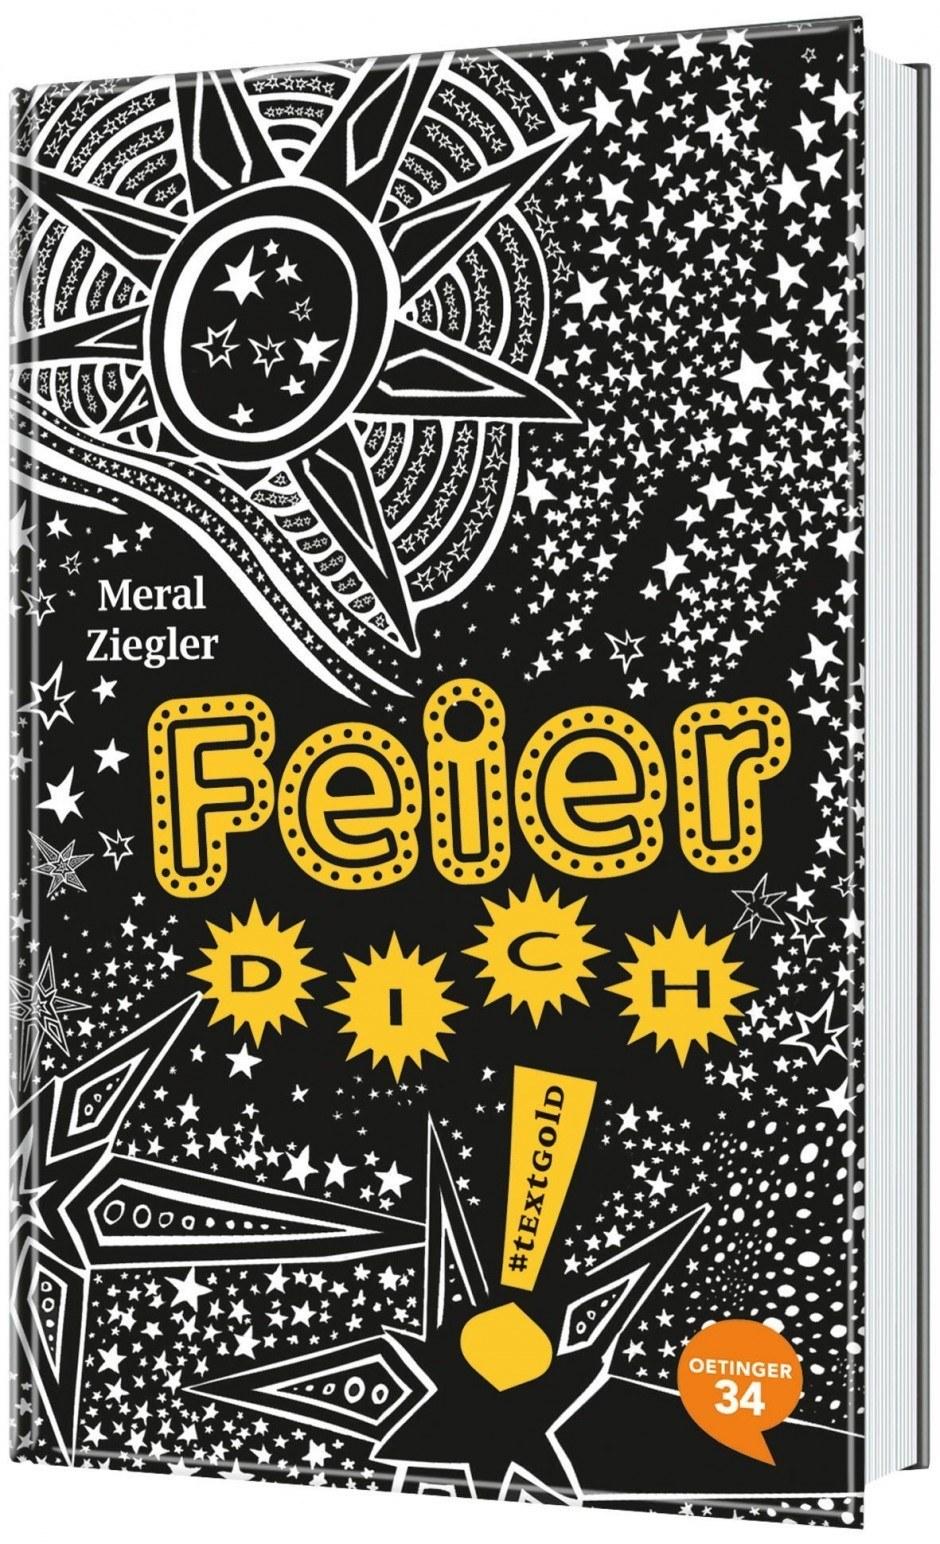 Cover »Feier dich!« von Meral Ziegler/Romina Birzer, Oetinger34